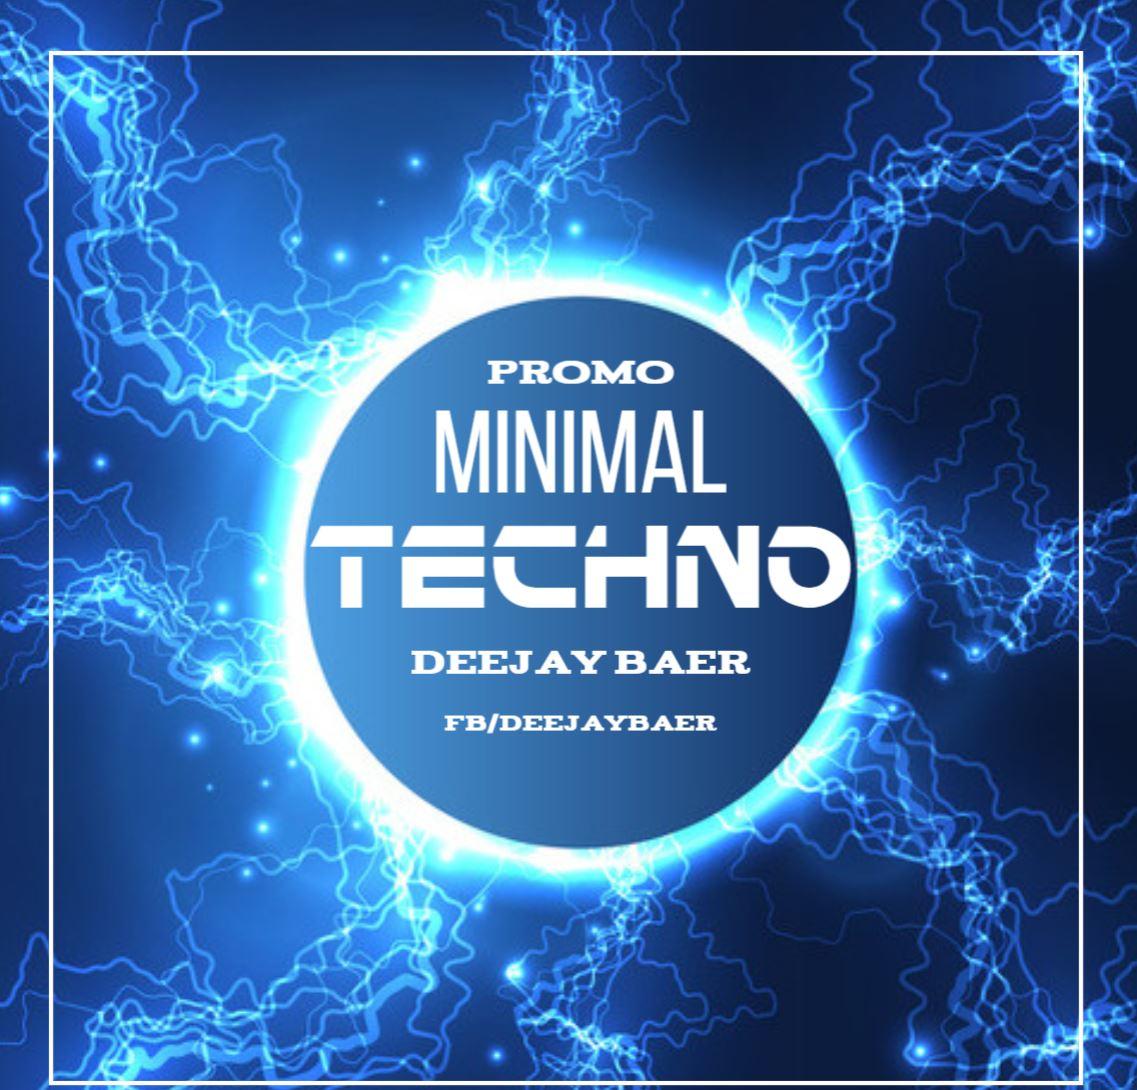 Minimal Techno September 2k21